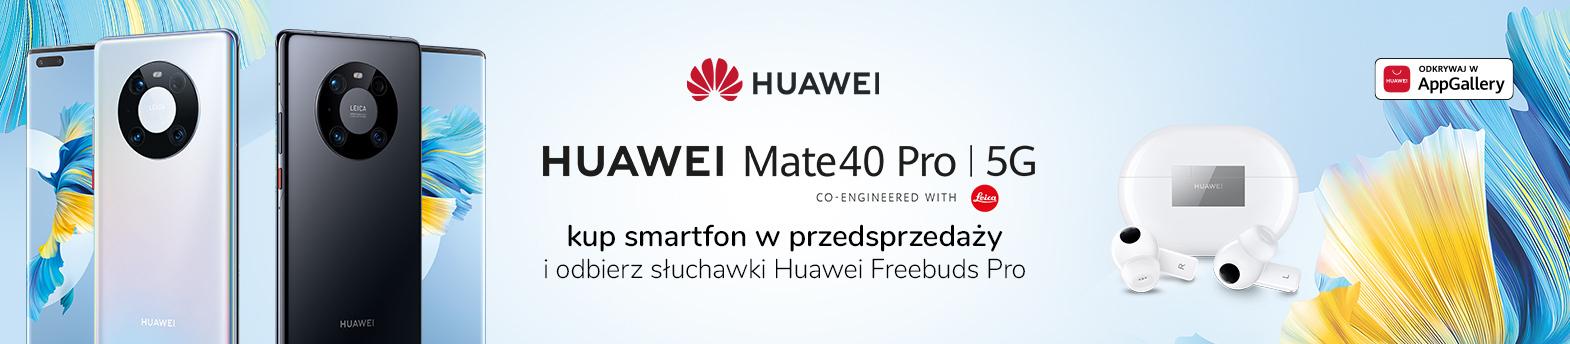 Huawei Mate40 Pro przedsprzedaż